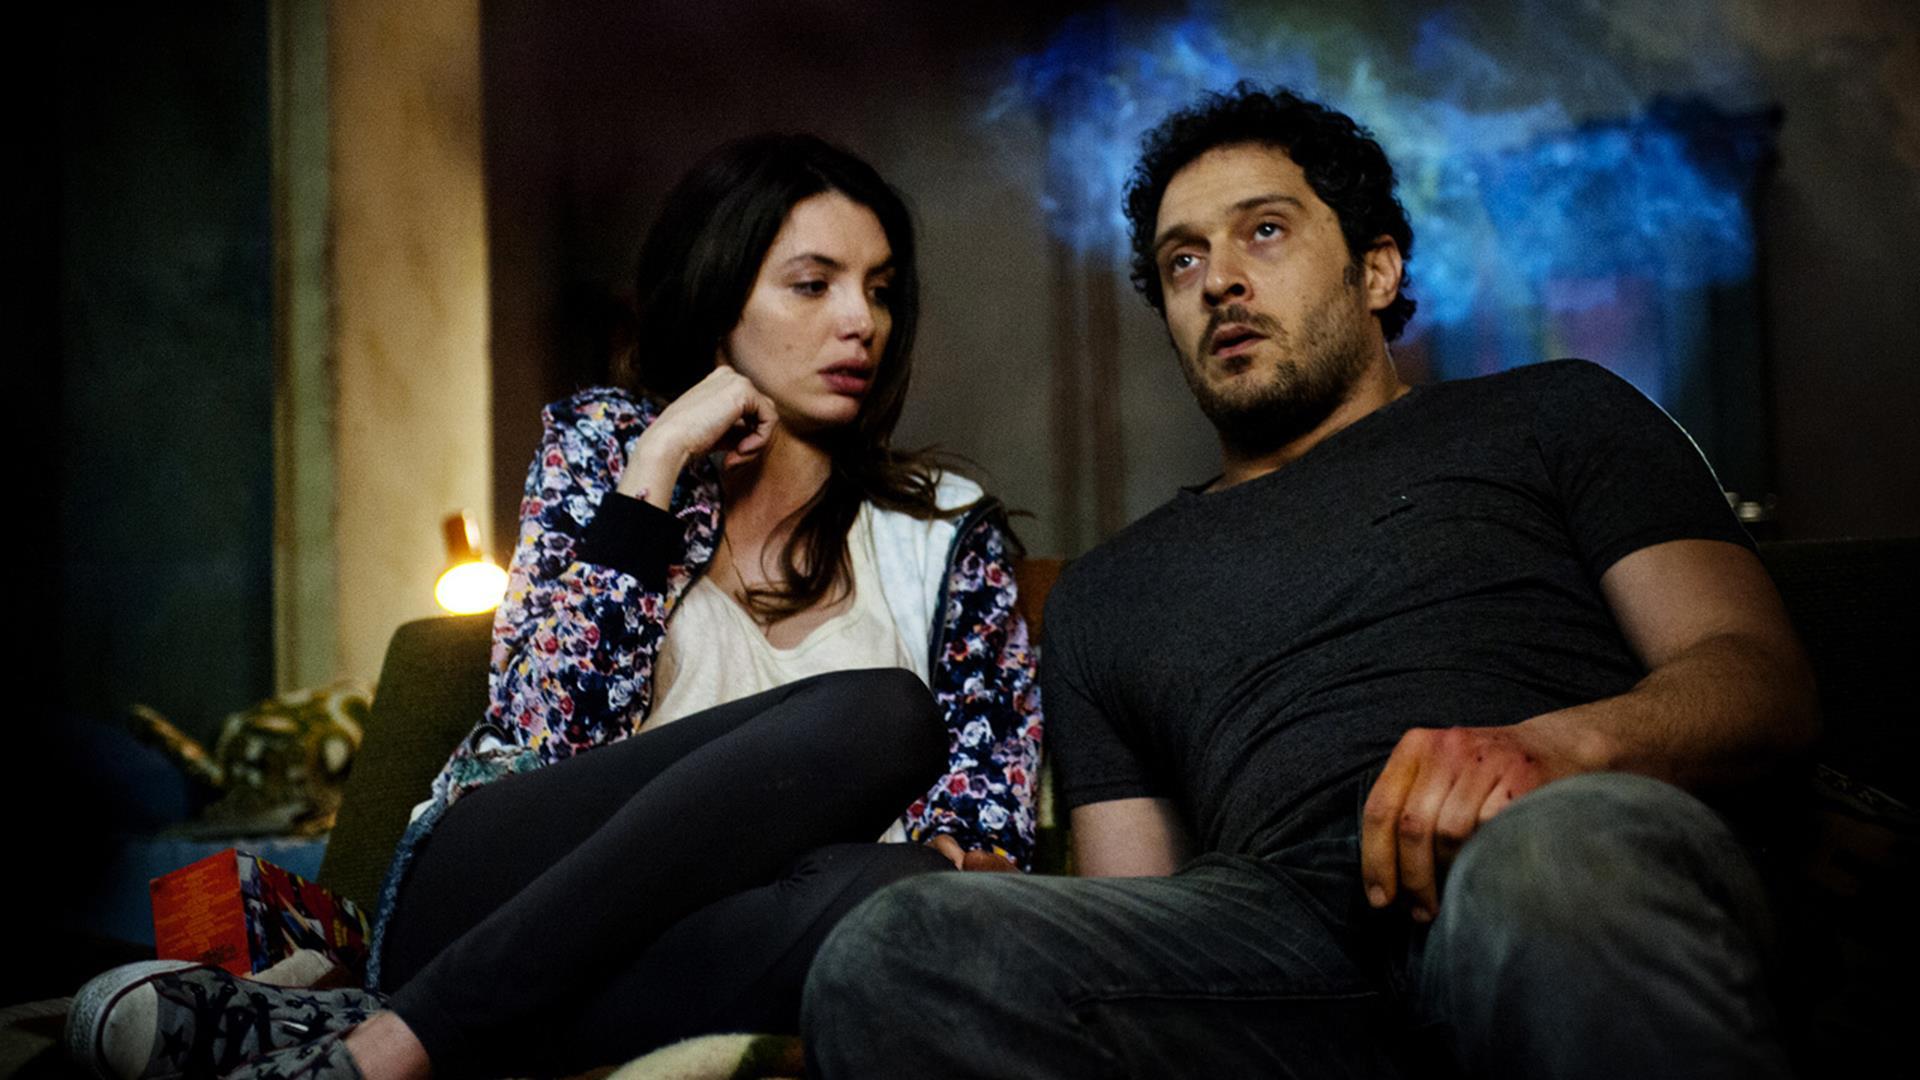 Claudio Santamaria ed Ilenia Pastorelli seduti su un divano in una scena di Lo Chiamavano Jeeg Robot di Gabriele Mainetti